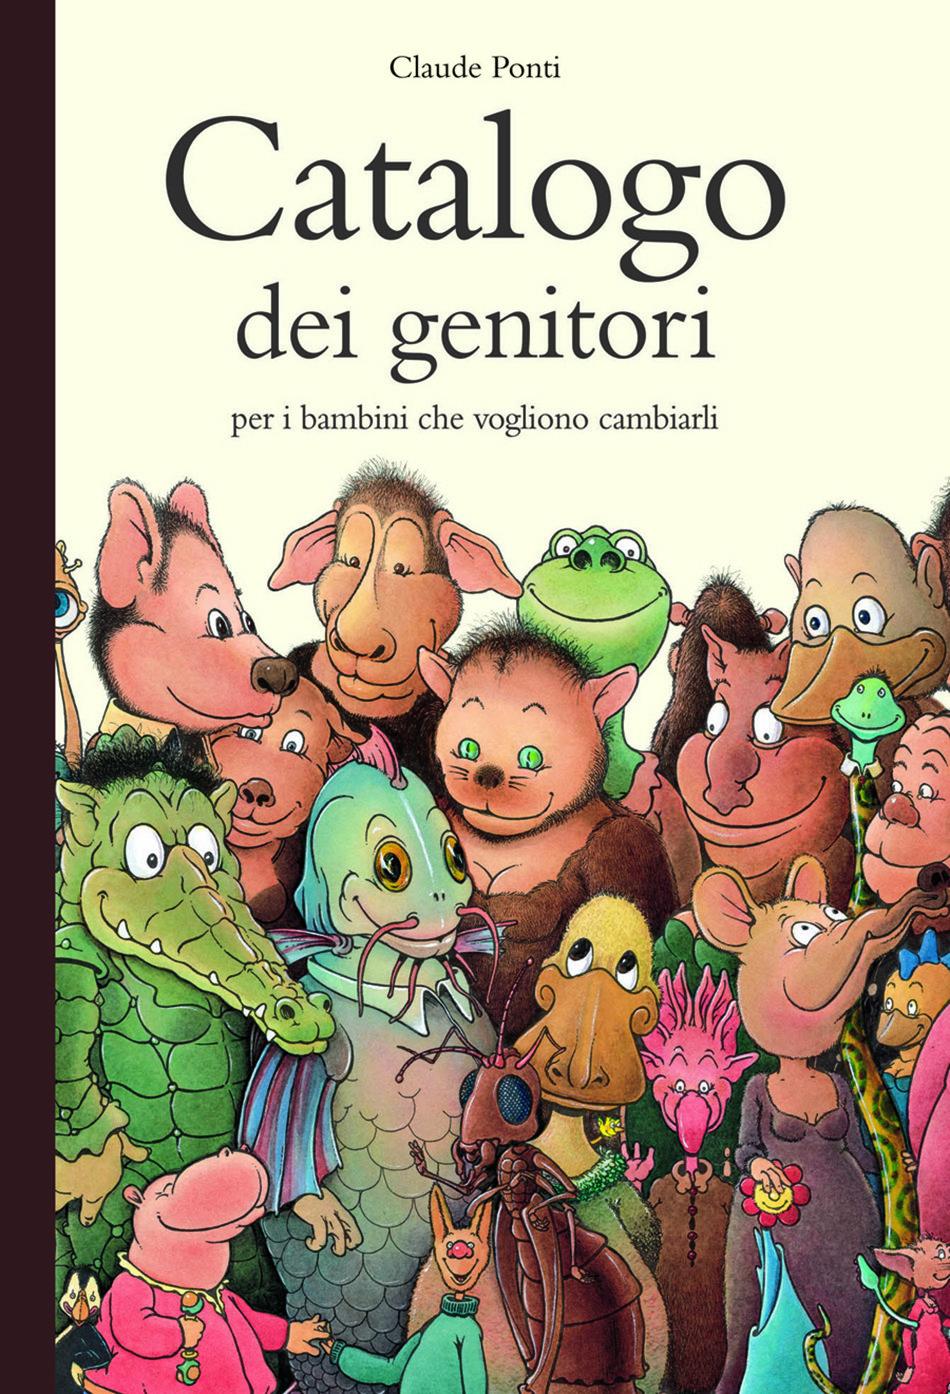 Catologo dei genitori Claude Ponti copertina